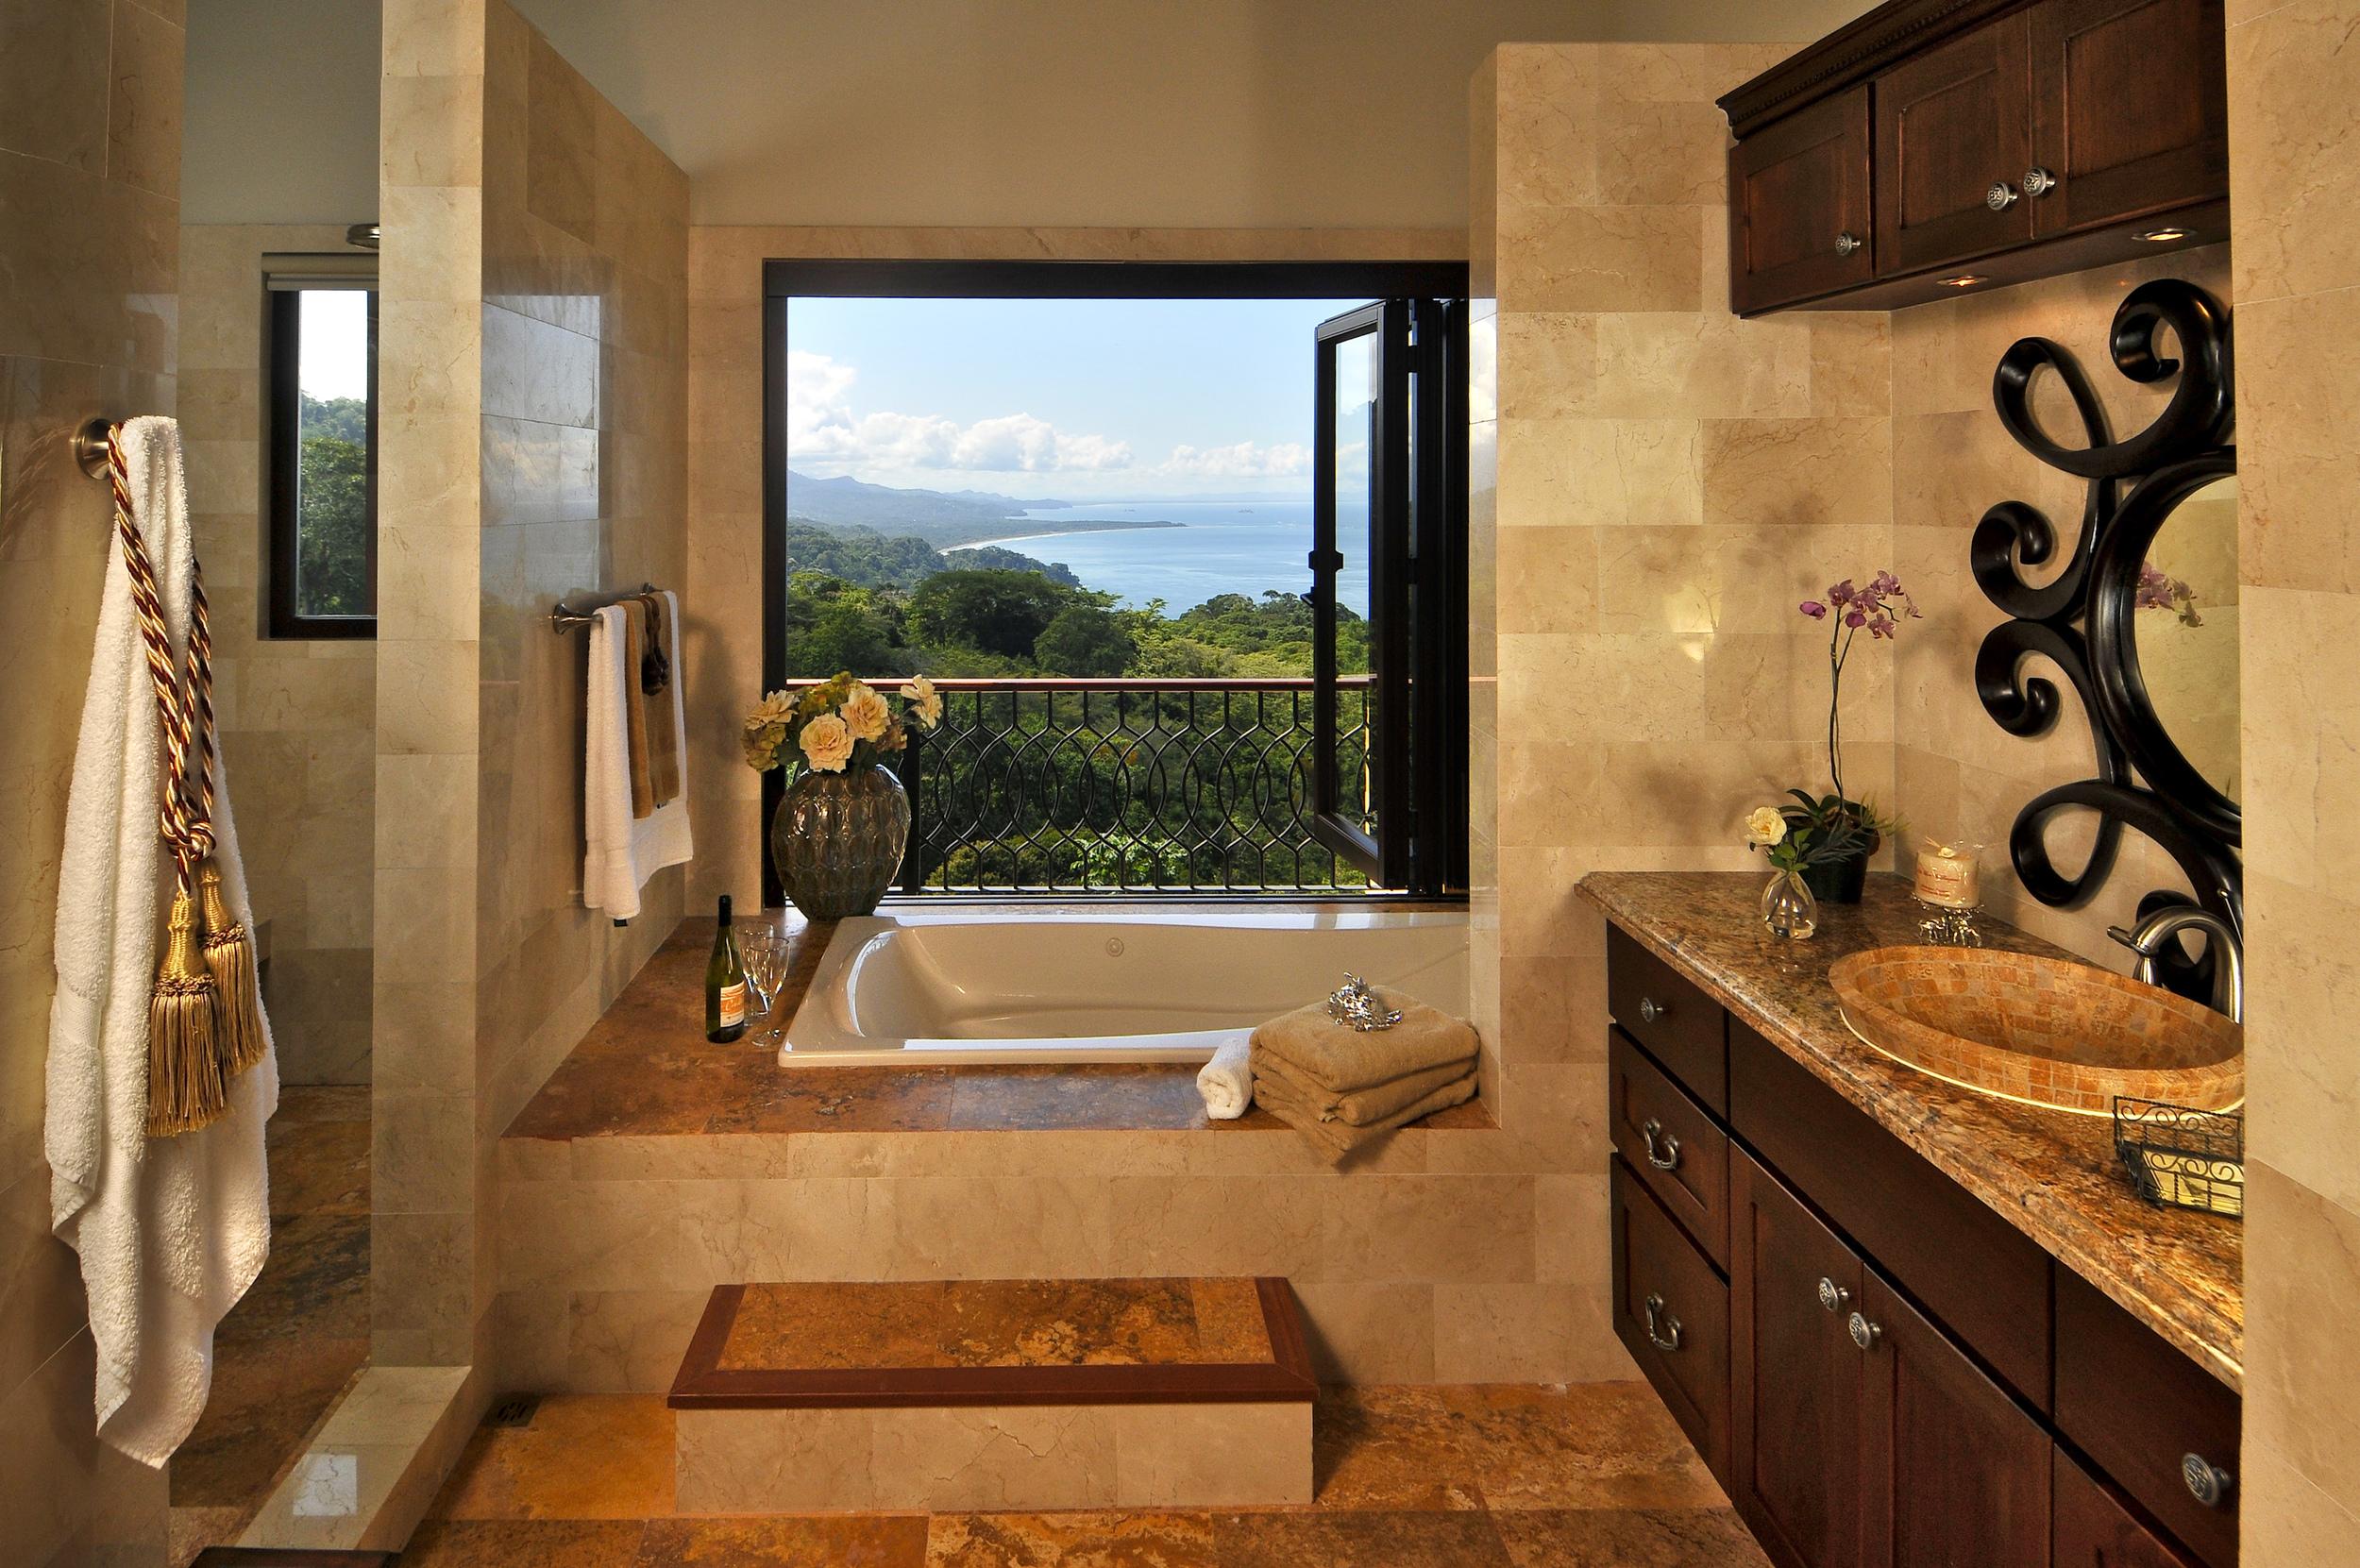 flex5-yoga-retreat-costa-rica-villa-king-suite-bedroom-bathroom-view.jpg